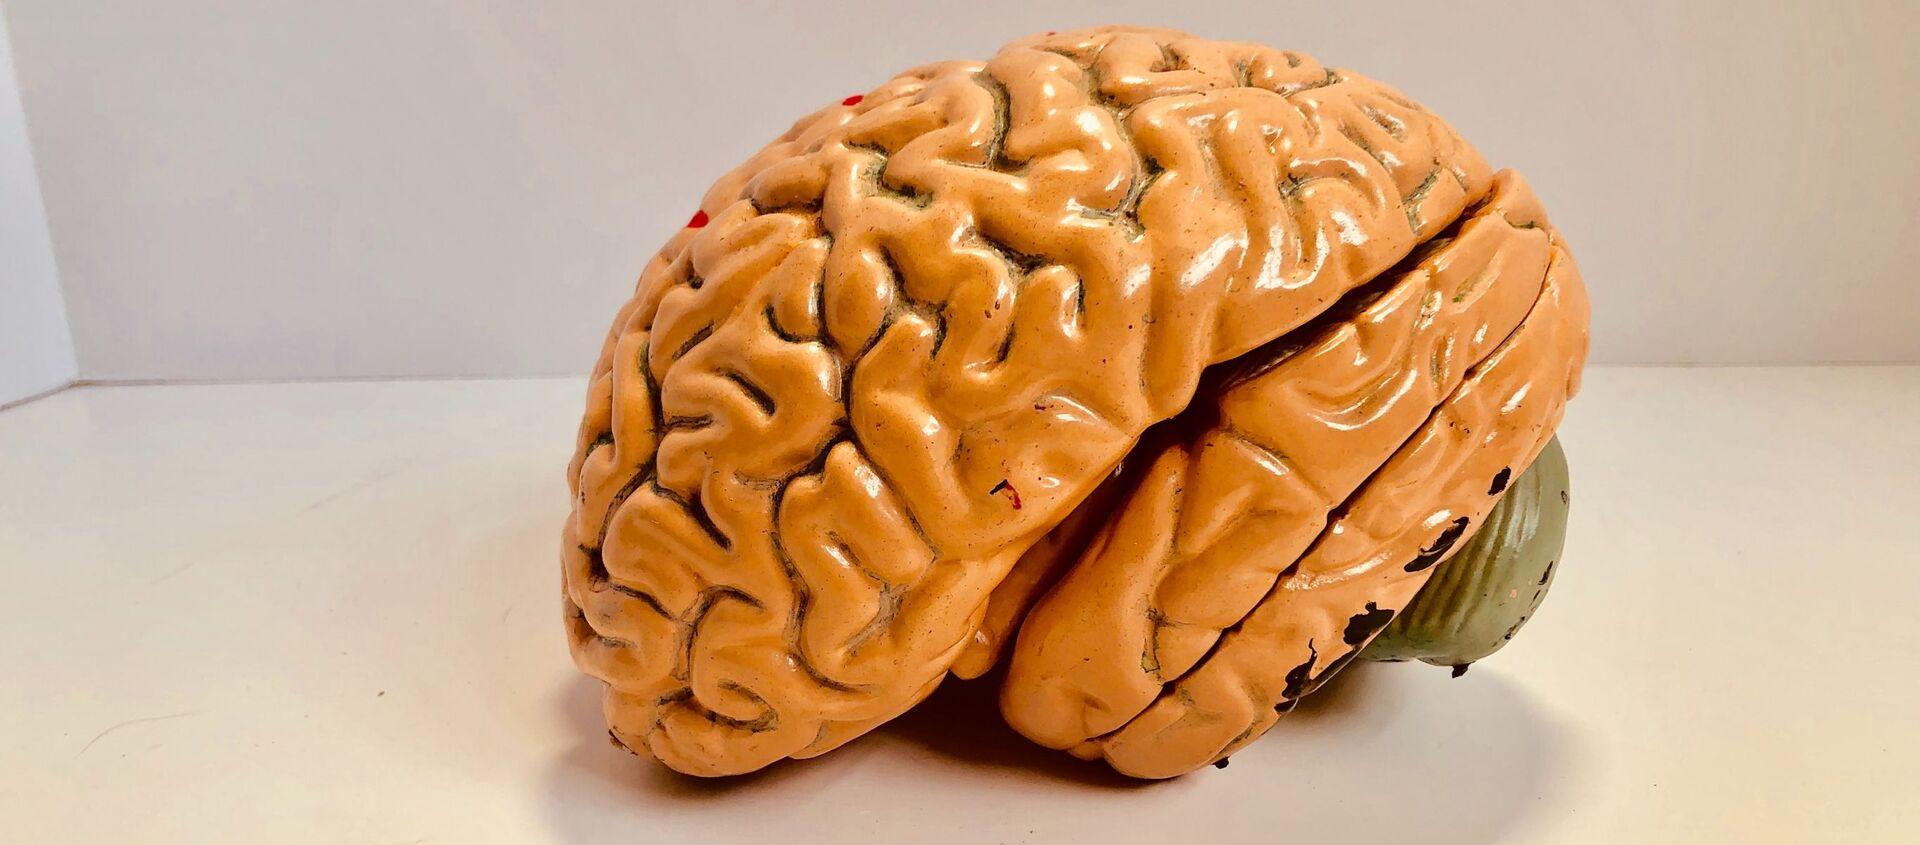 El modelo de un cerebro - Sputnik Mundo, 1920, 18.12.2020